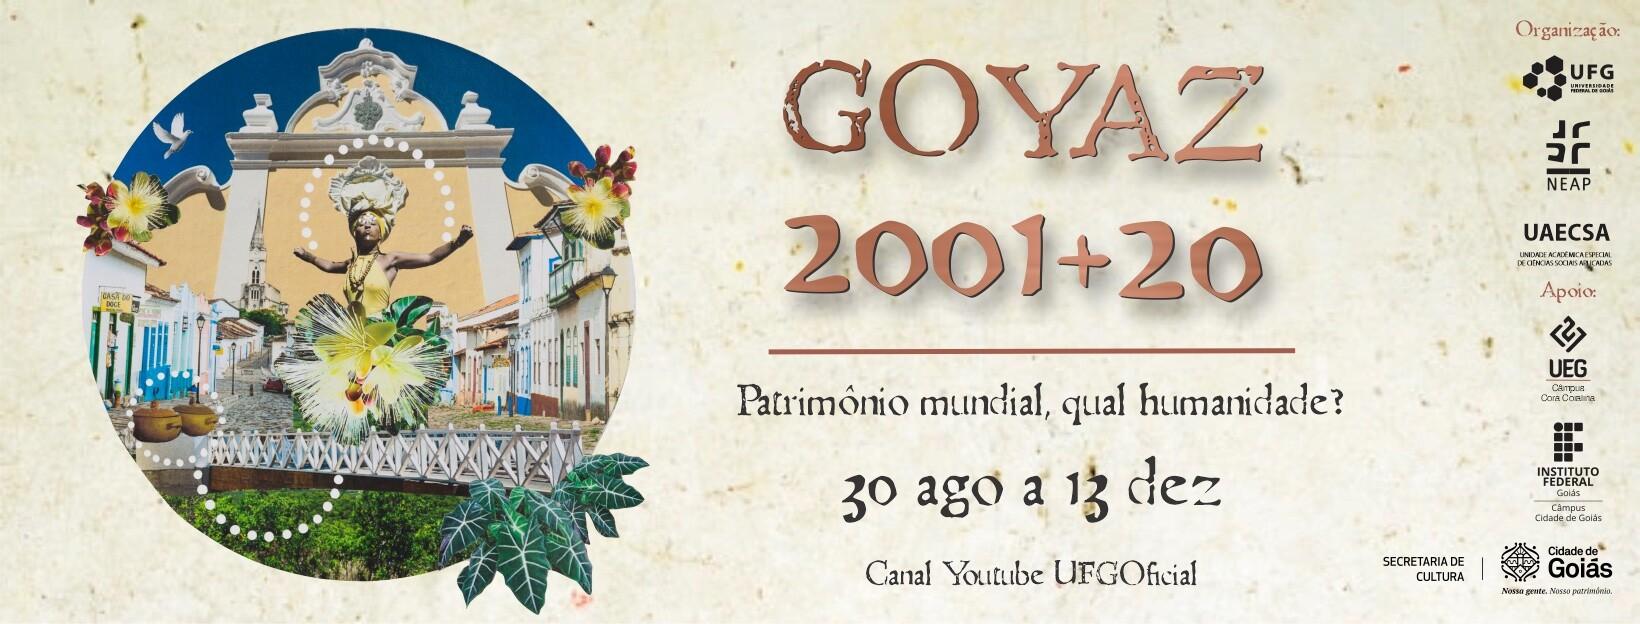 banner goyaz